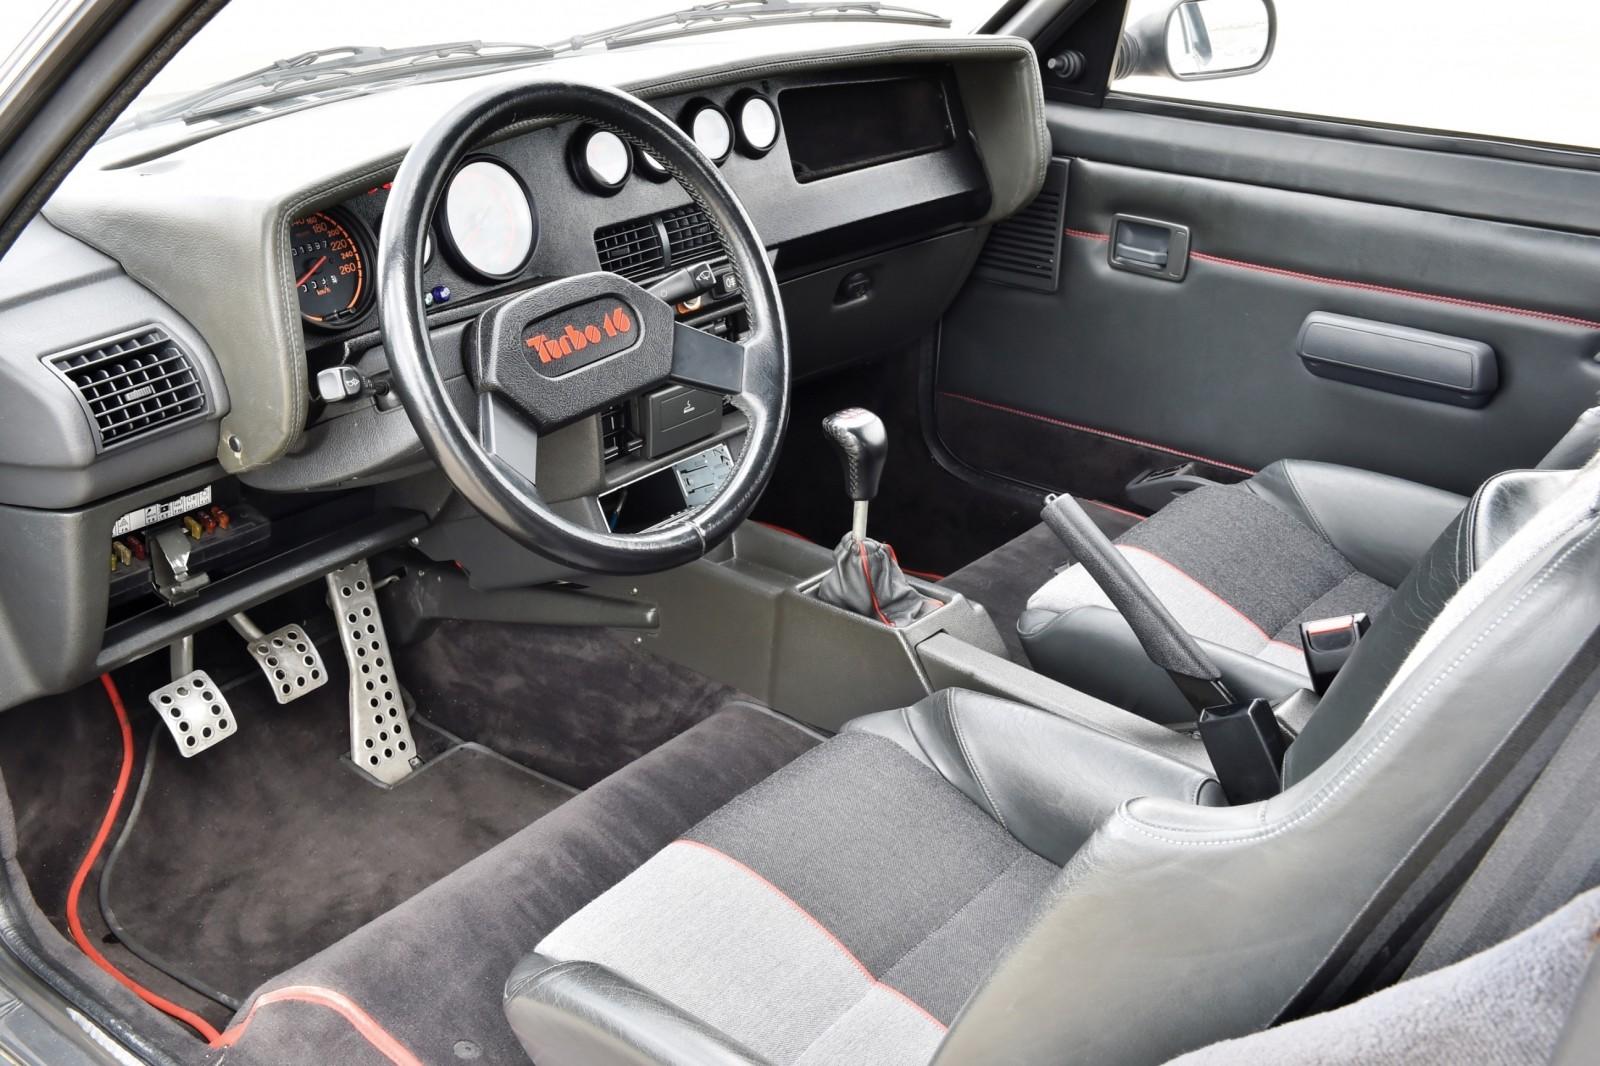 1984 Peugeot 205 Turbo 16 4